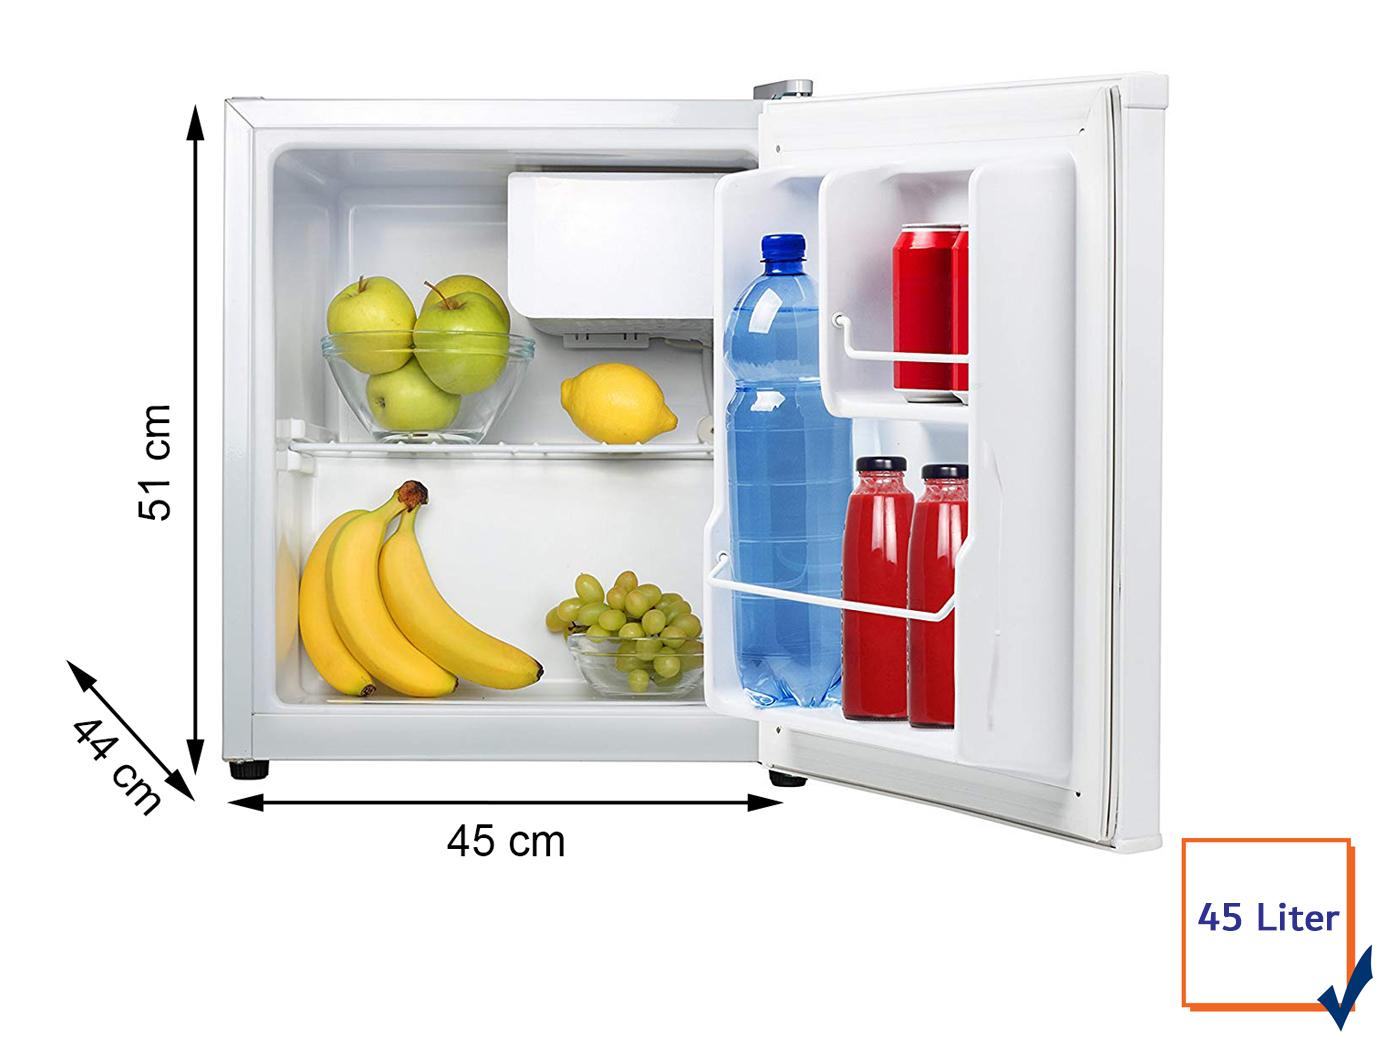 Mini Kühlschrank Abschließbar : Kleiner mini kÜhlschrank freistehend l mit l gefrierfach